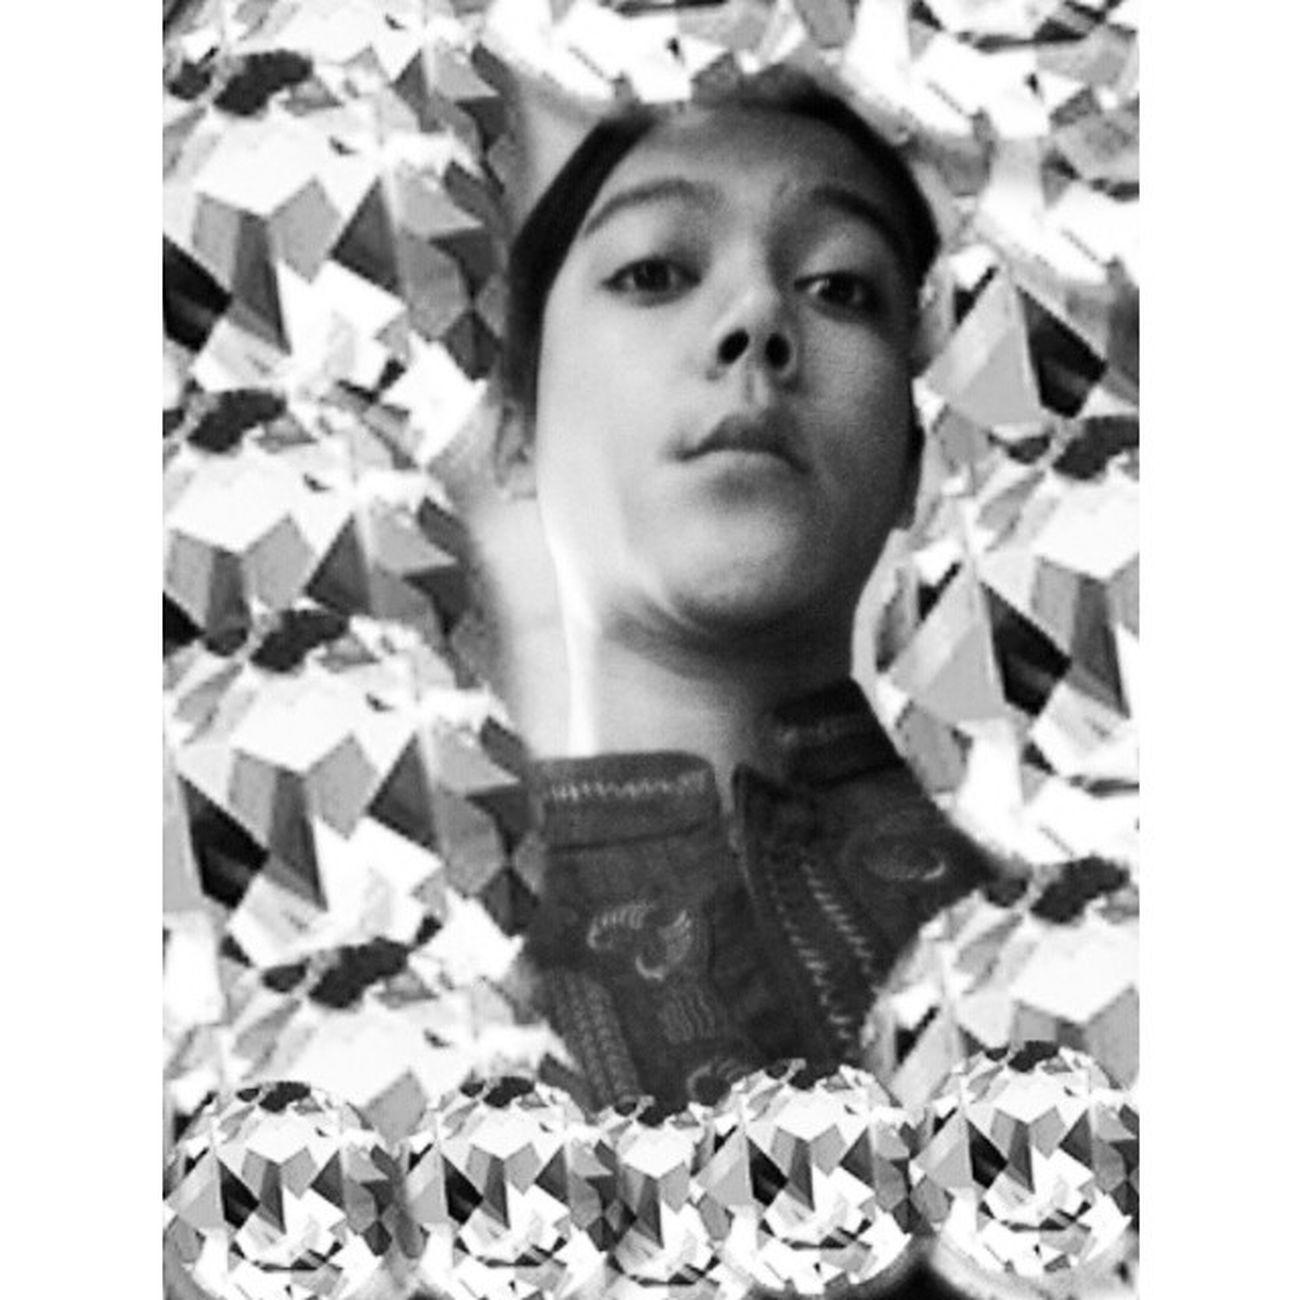 Brooklyn baby! Selfie Latepost Instaselfie Jewels face cool mileycyrus ladygaga katyperry brooklynbaby